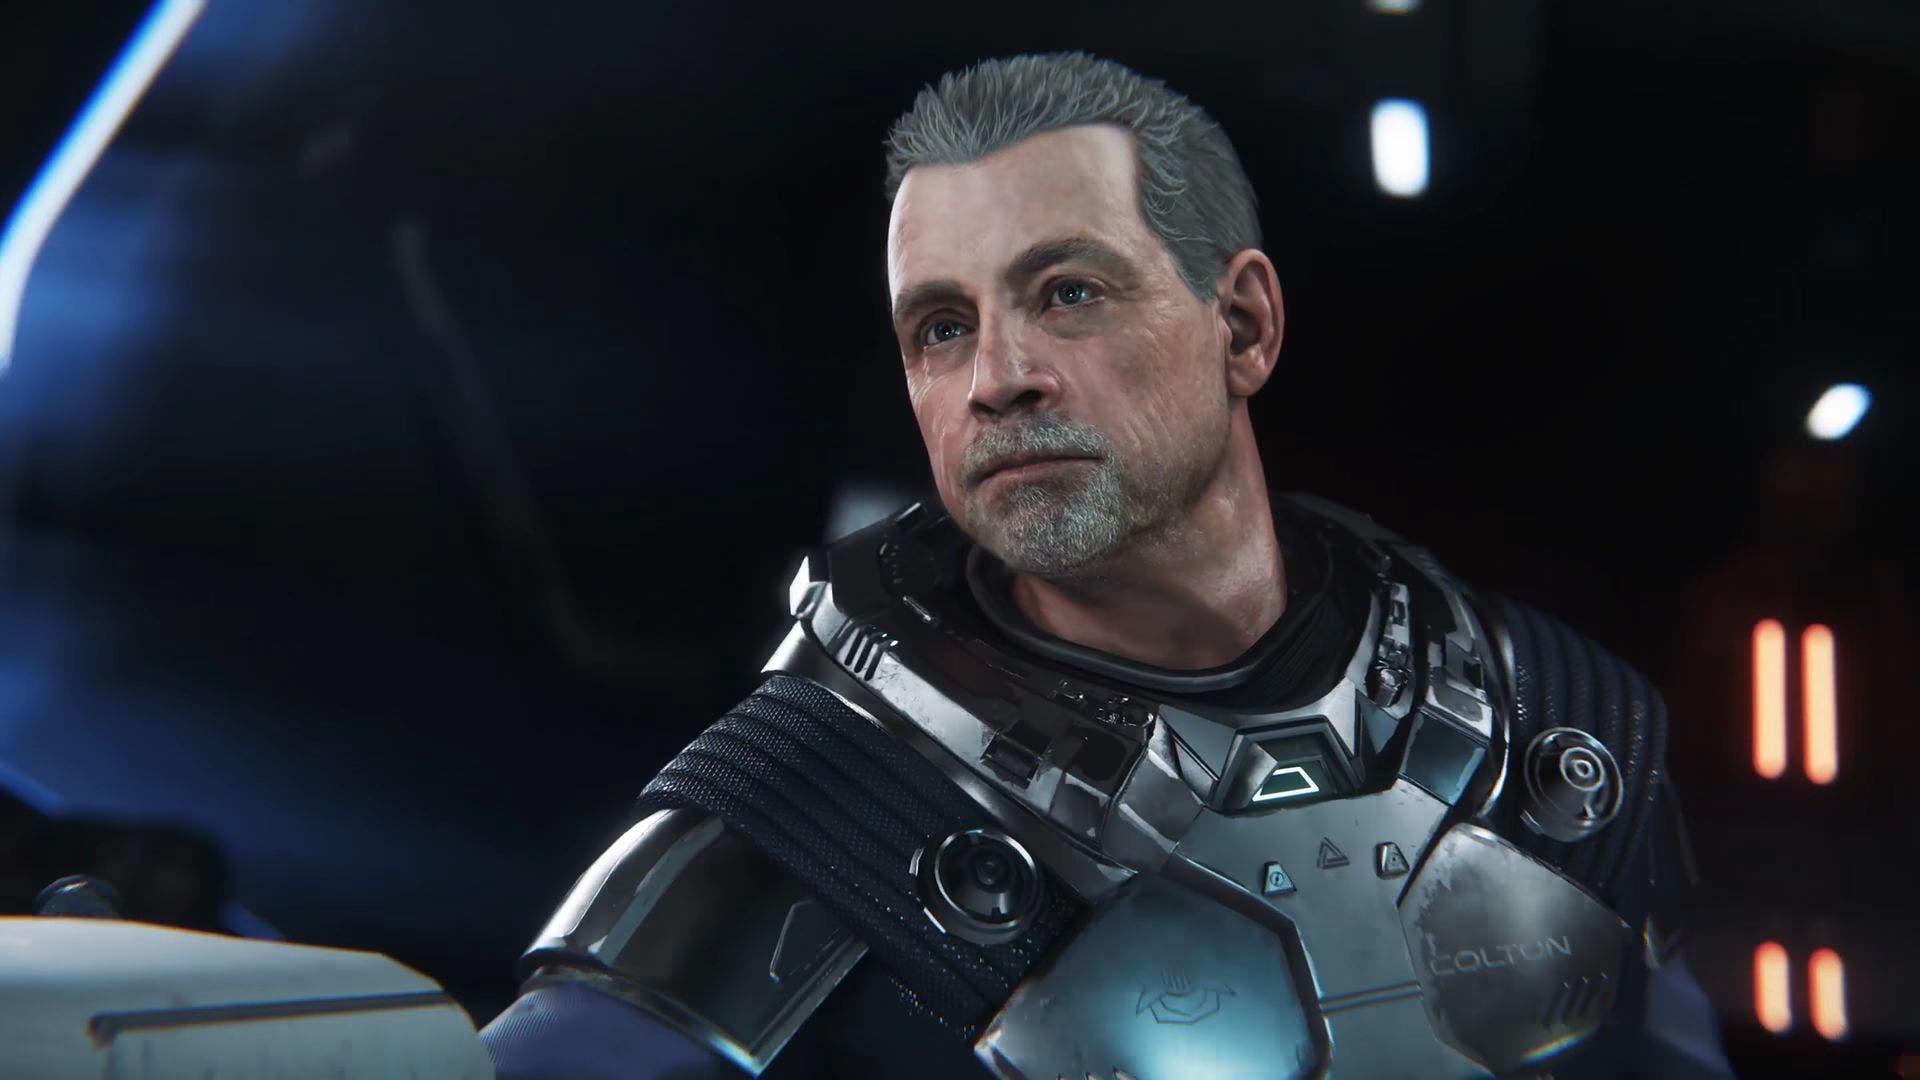 Imagen de Crytek eliminaría la demanda hacia CIG por Star Citizen, pero Squadron 42 sufriría las consecuencias